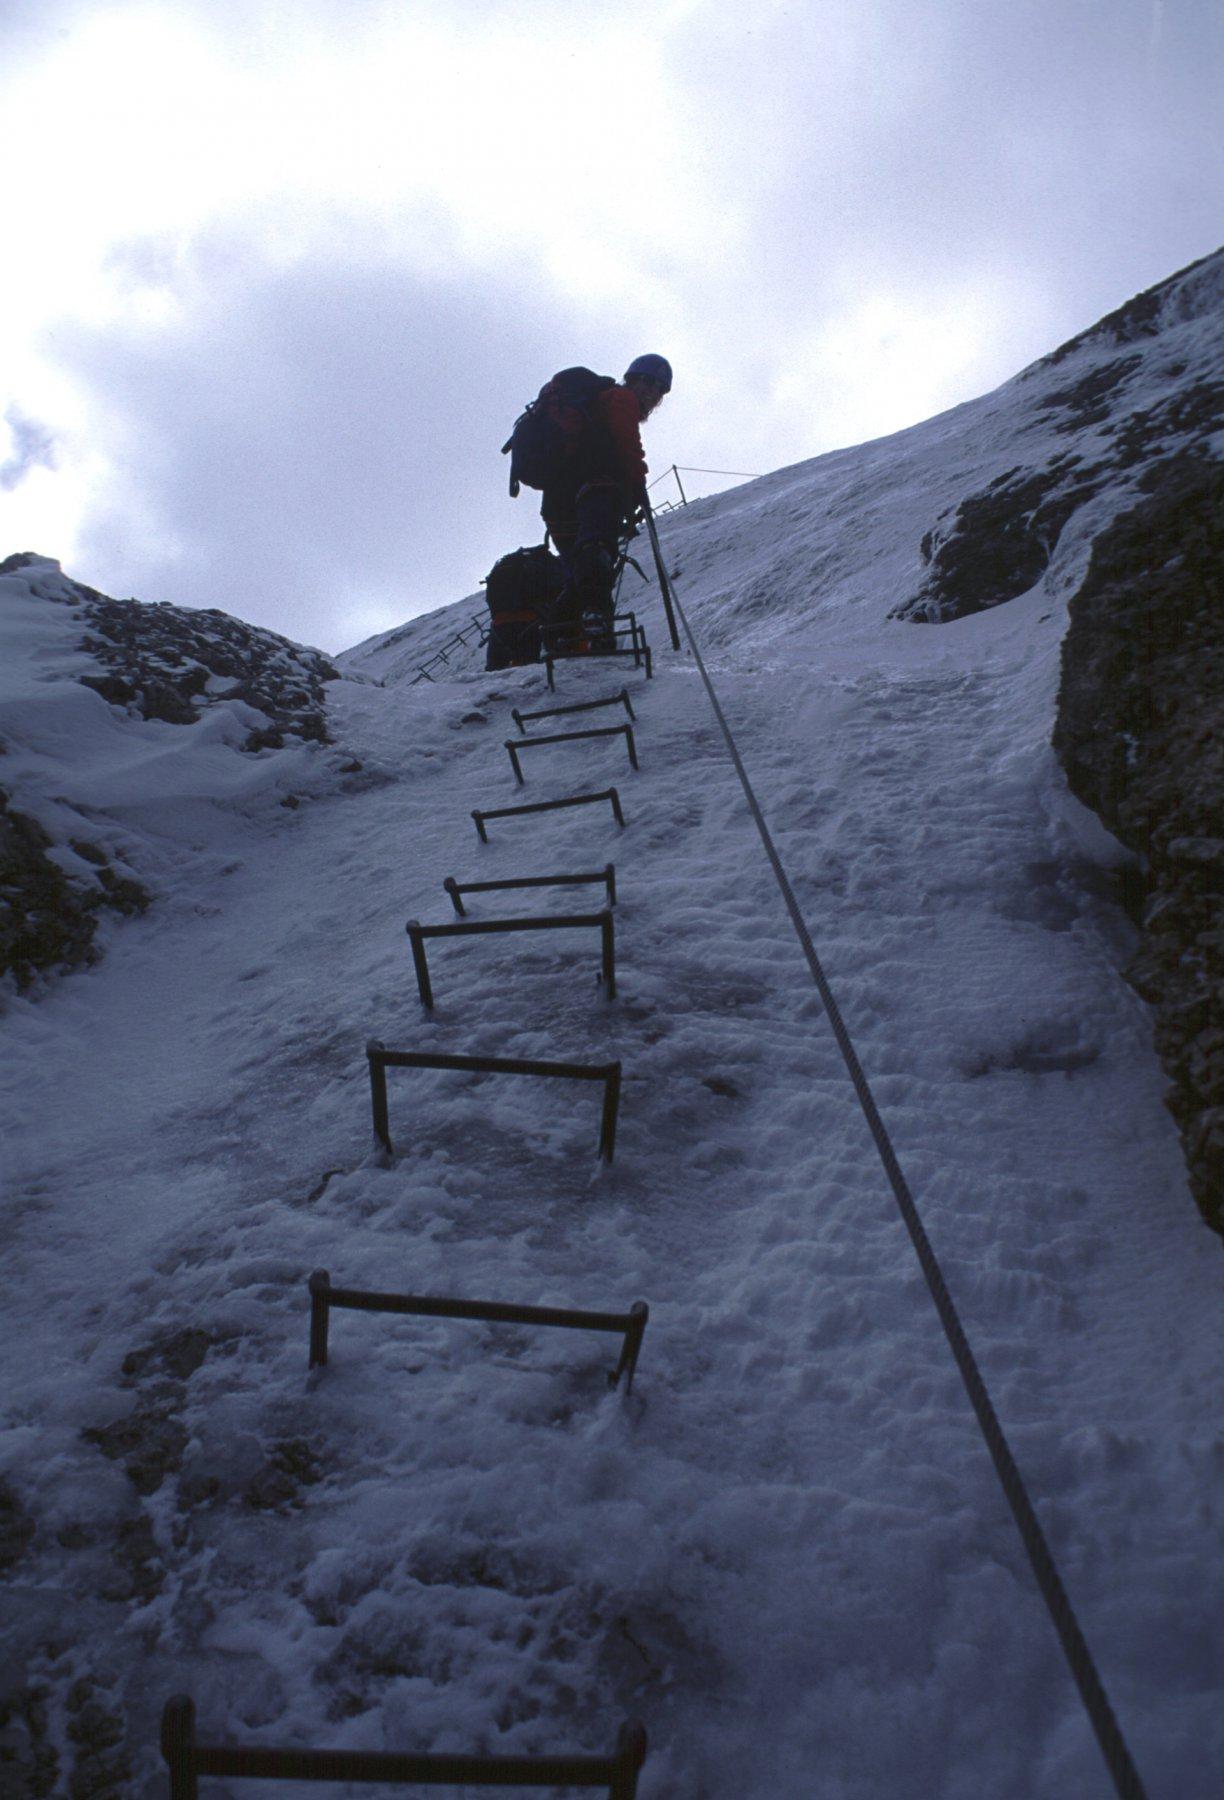 Gianni e Giulia risalgono una ripida placconata...con ghiaccio e un sottile strato di neve recente (17-7-2000)